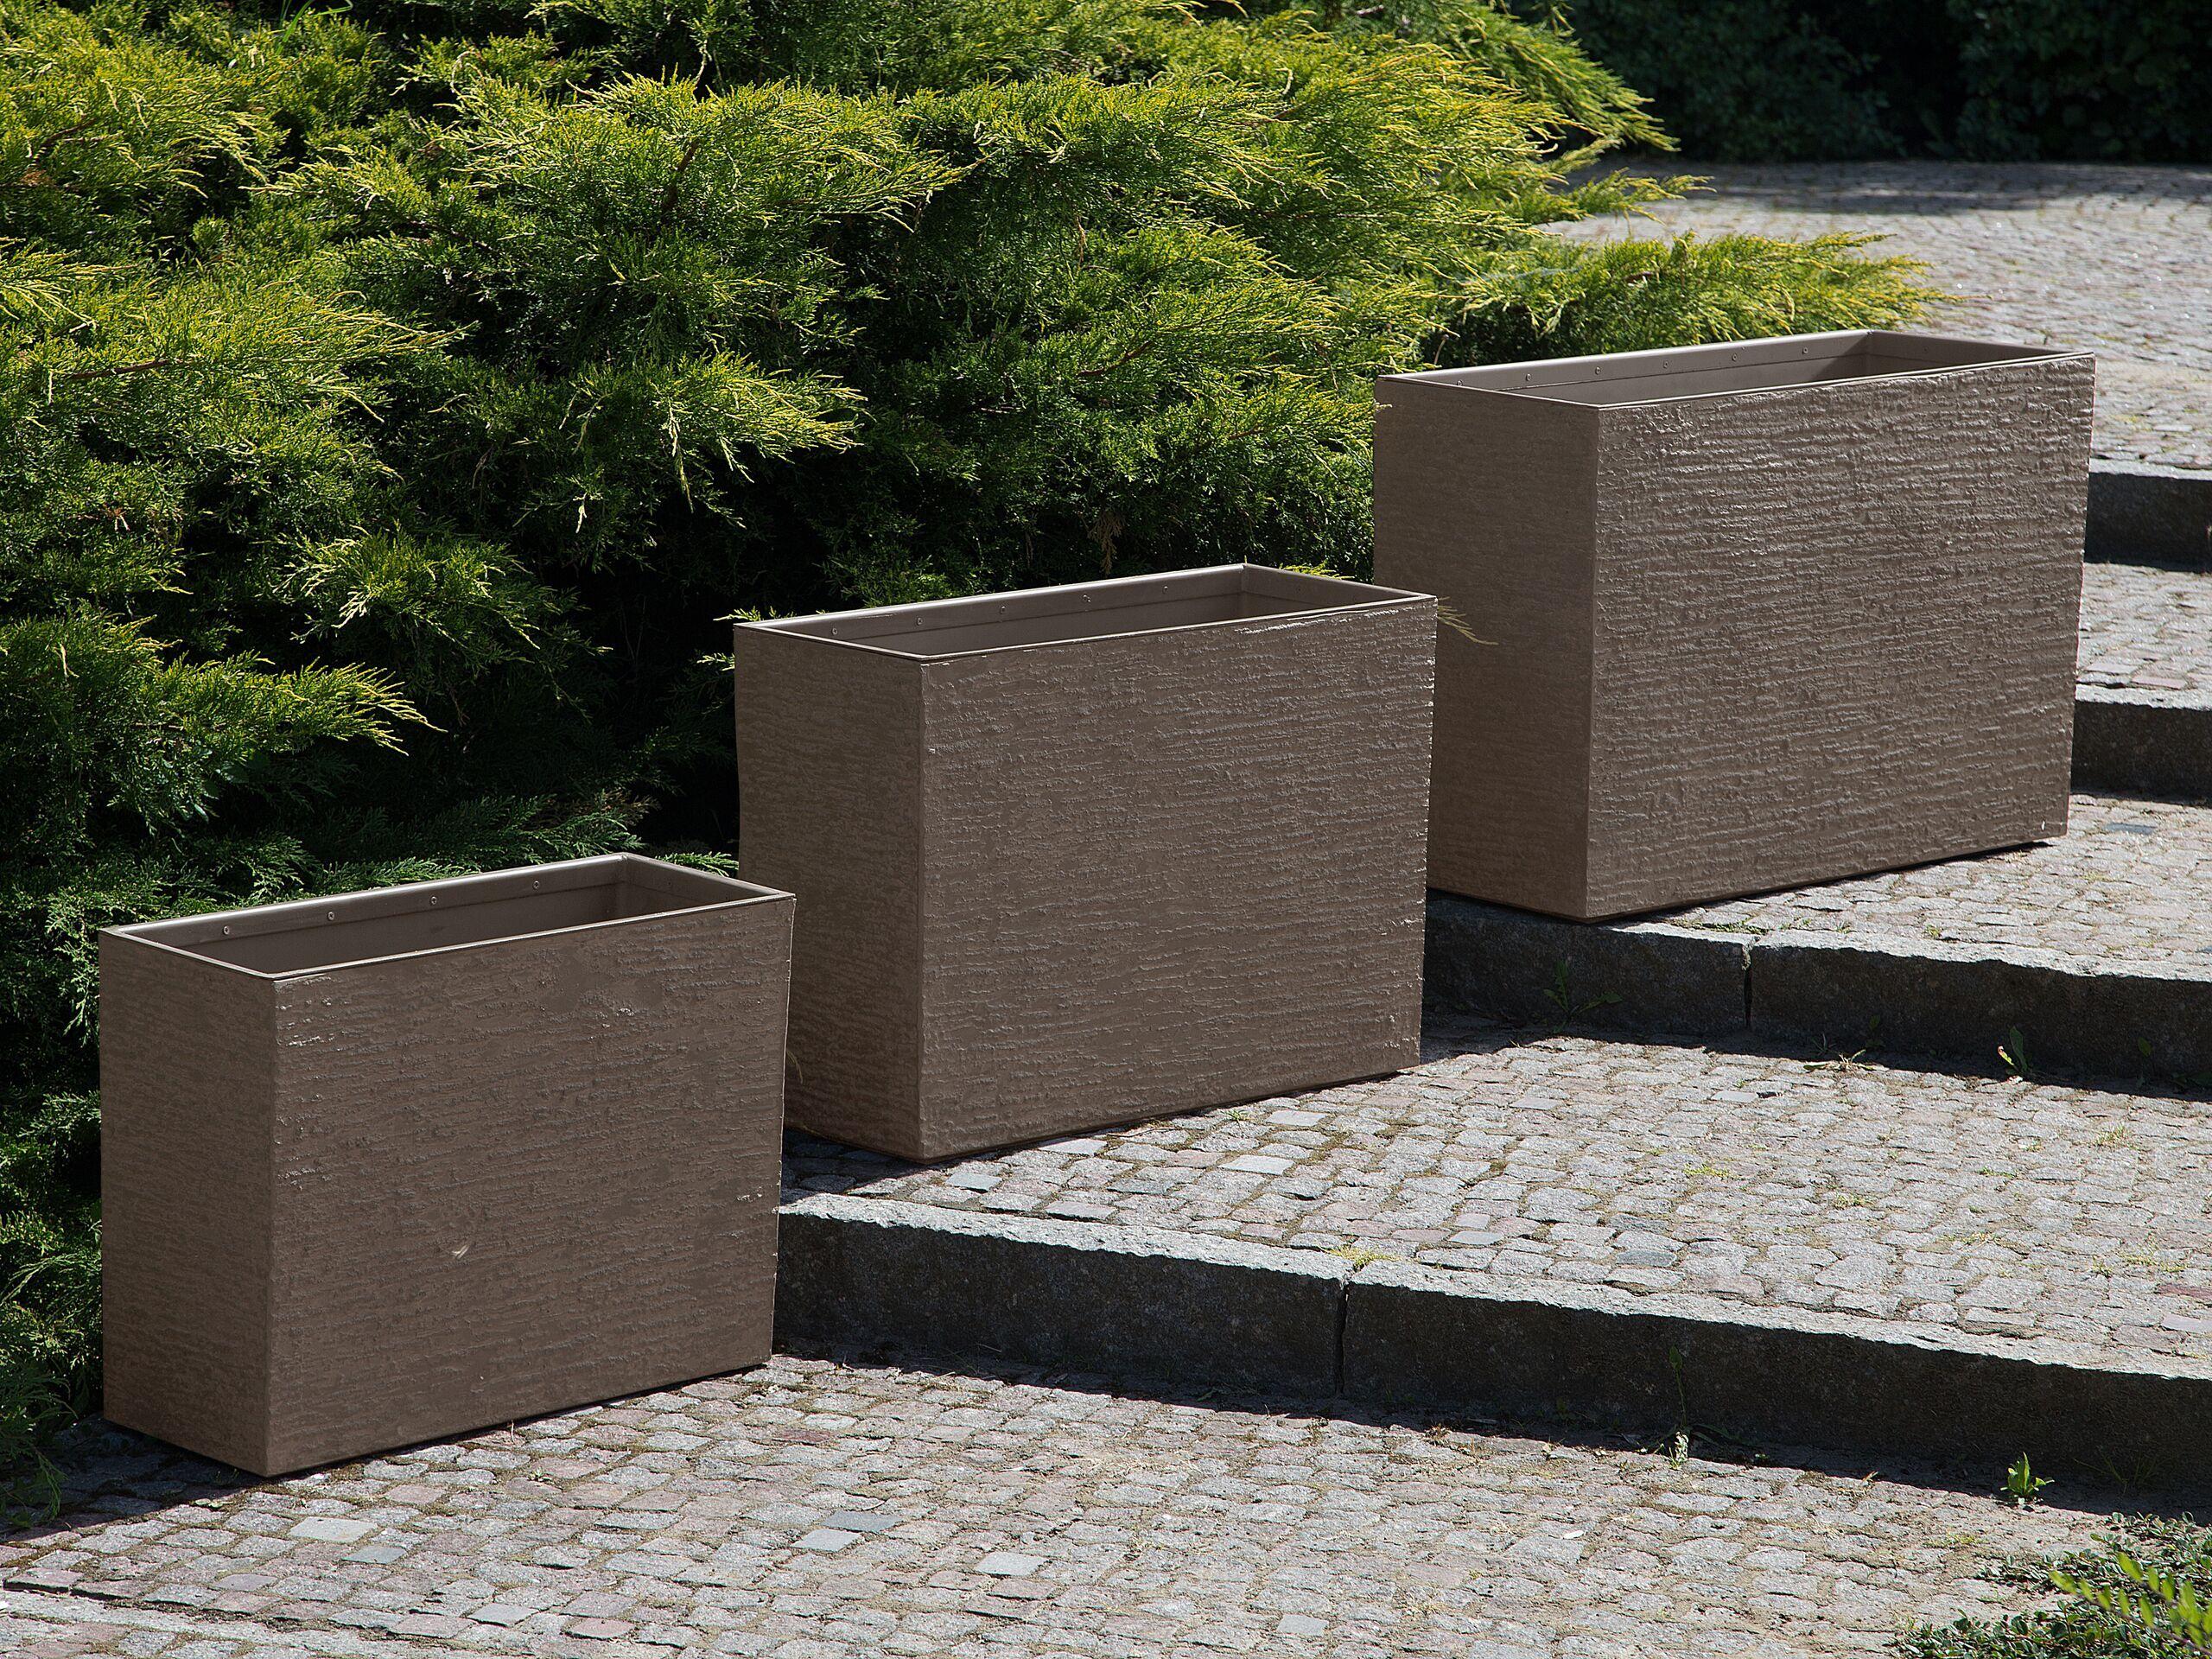 beliani set di 3 vasi in pietra e resina sintetica marrone scuro rettangolari